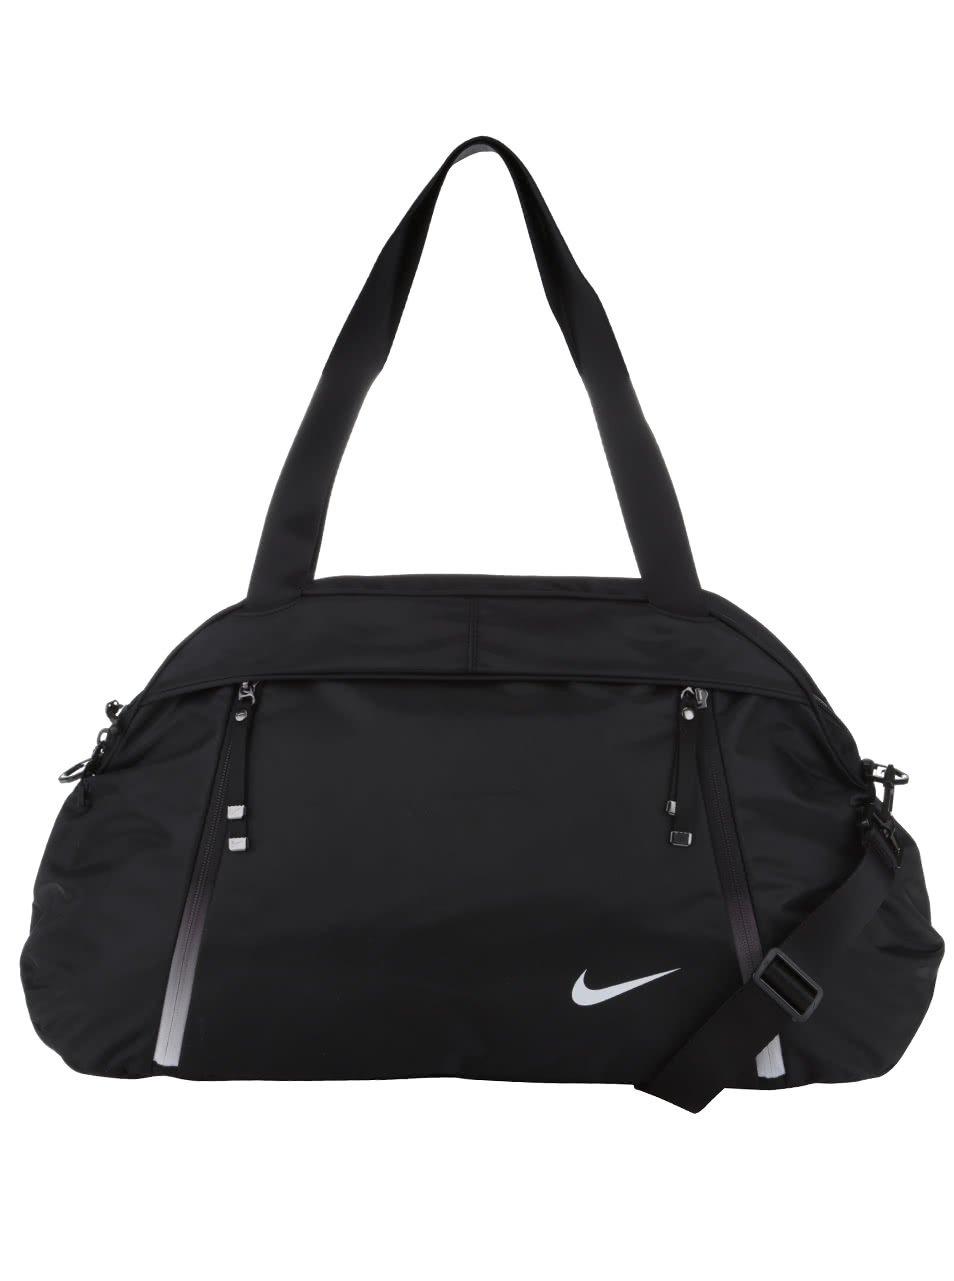 Černá unisex cestovní taška Nike Auralux Club